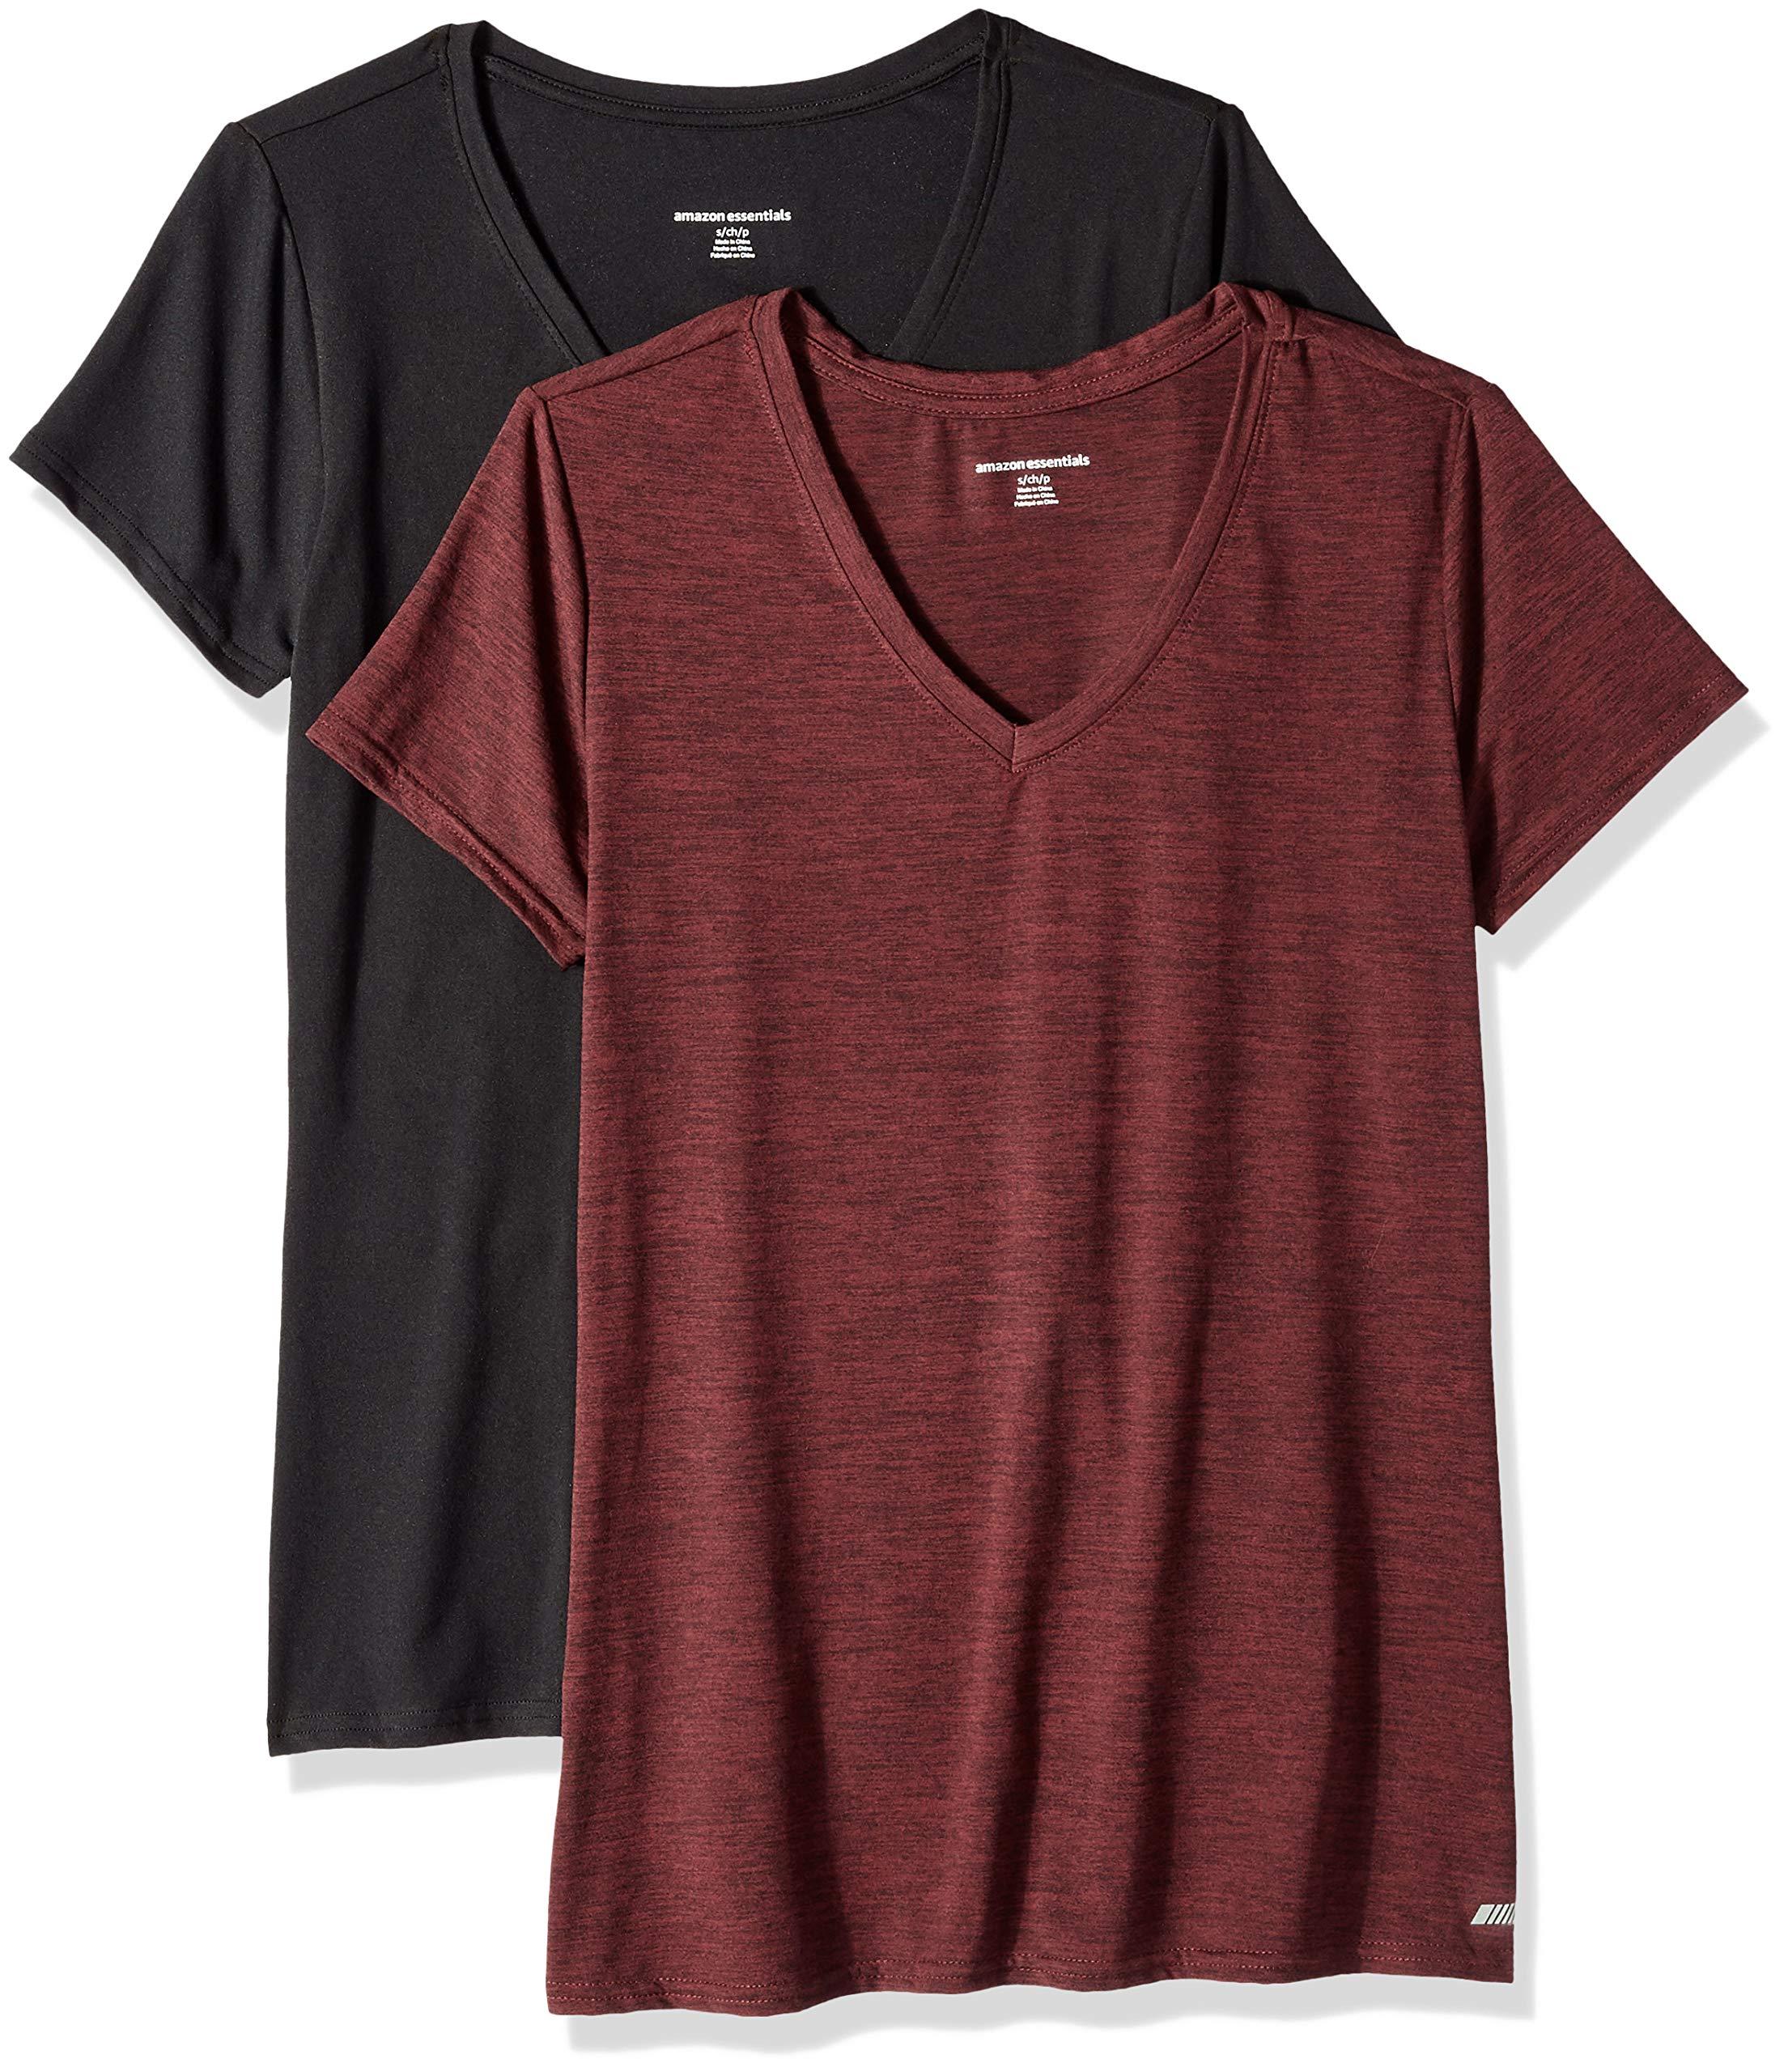 Amazon Essentials Stretch Short Sleeve Burgundy